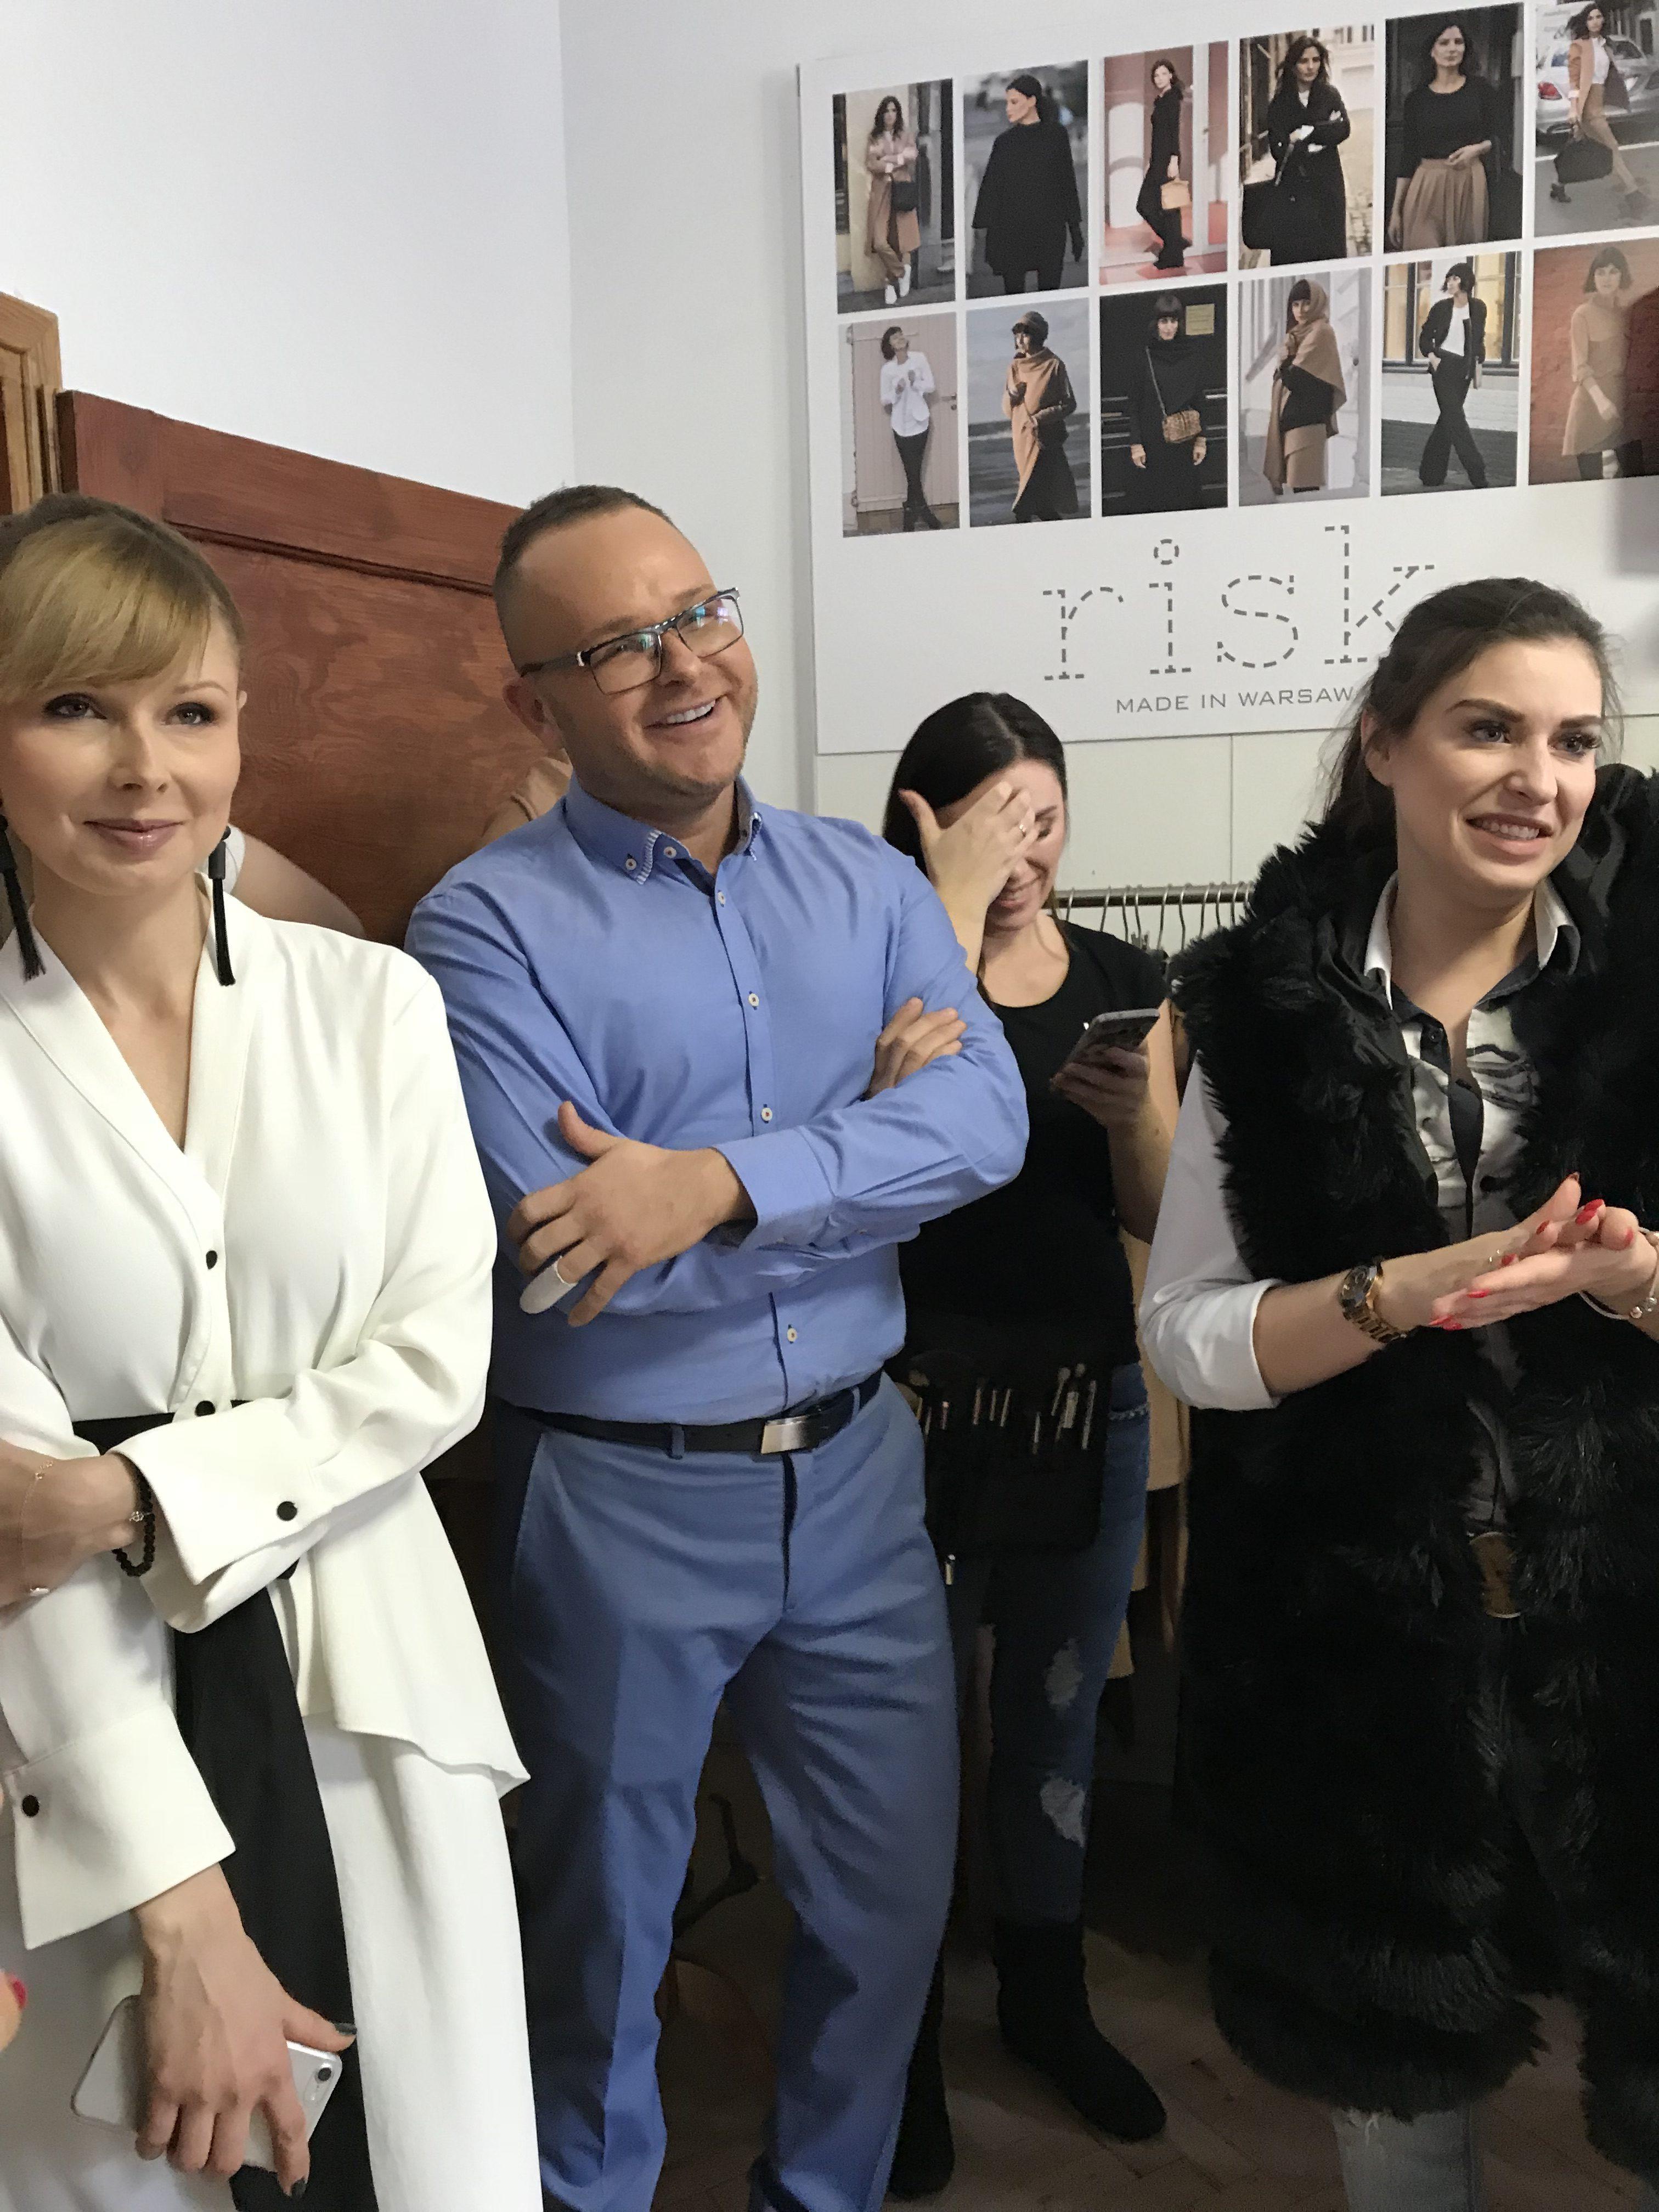 BlogStar: W krainie piękna z Karoliną Pilarczyk - BlogStar.pl